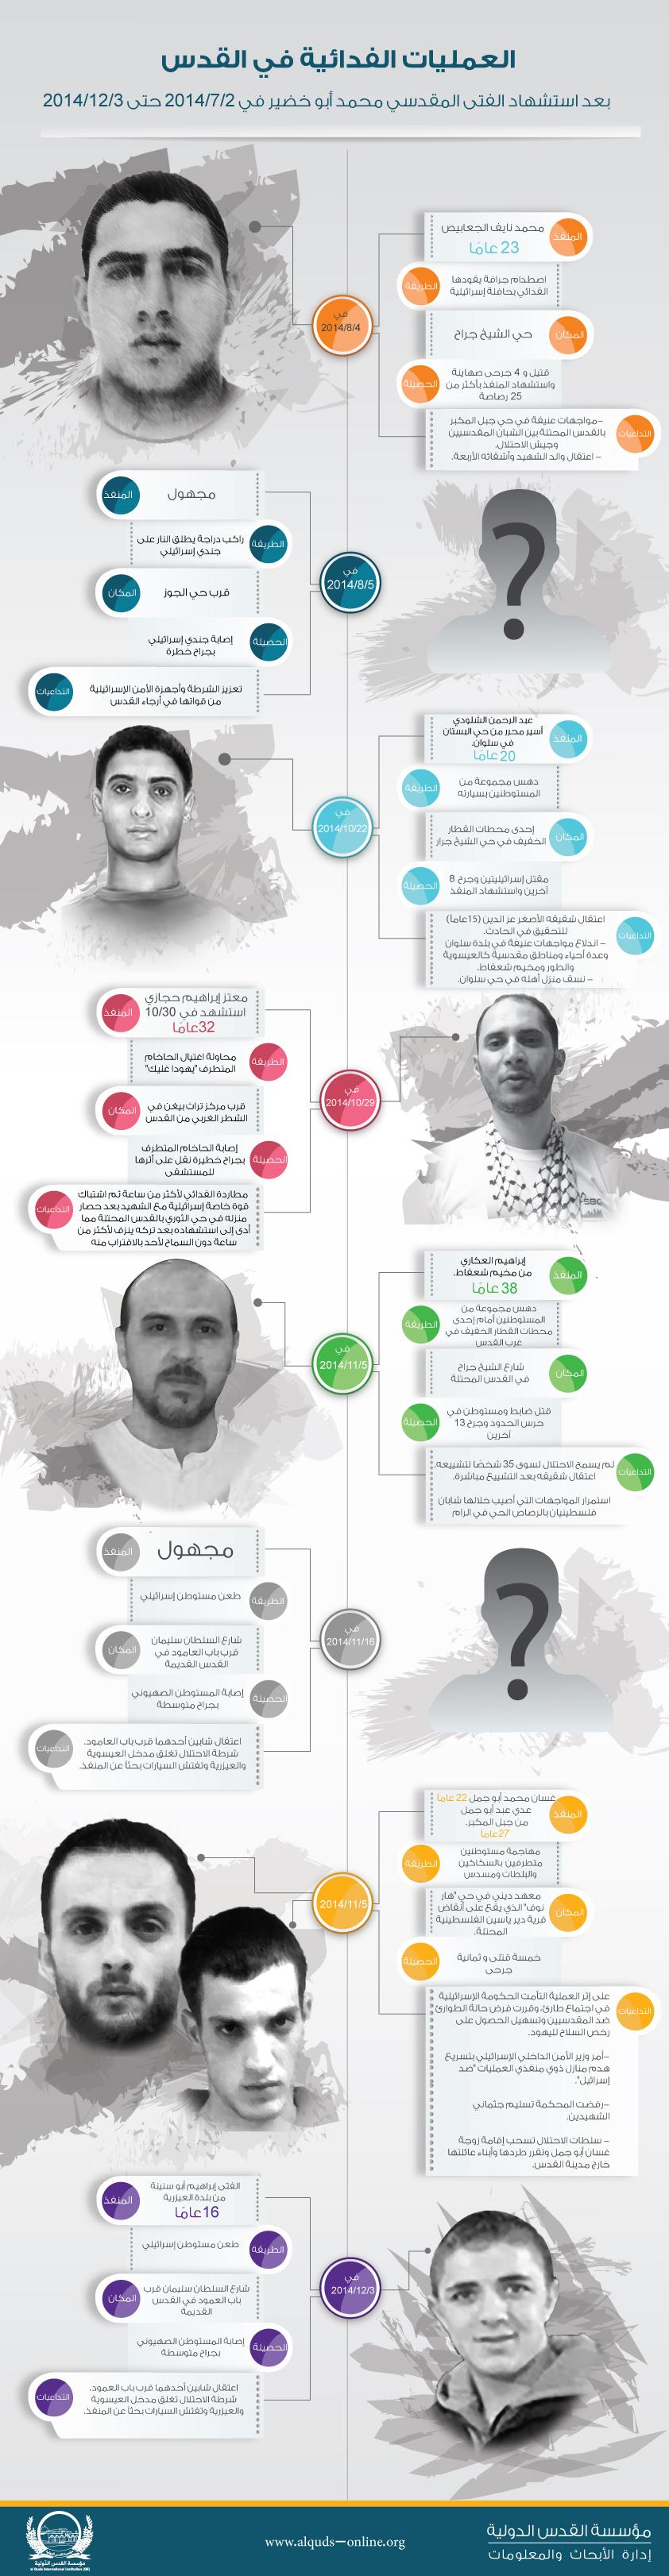 من هم أبطال القدس 2014 ؟